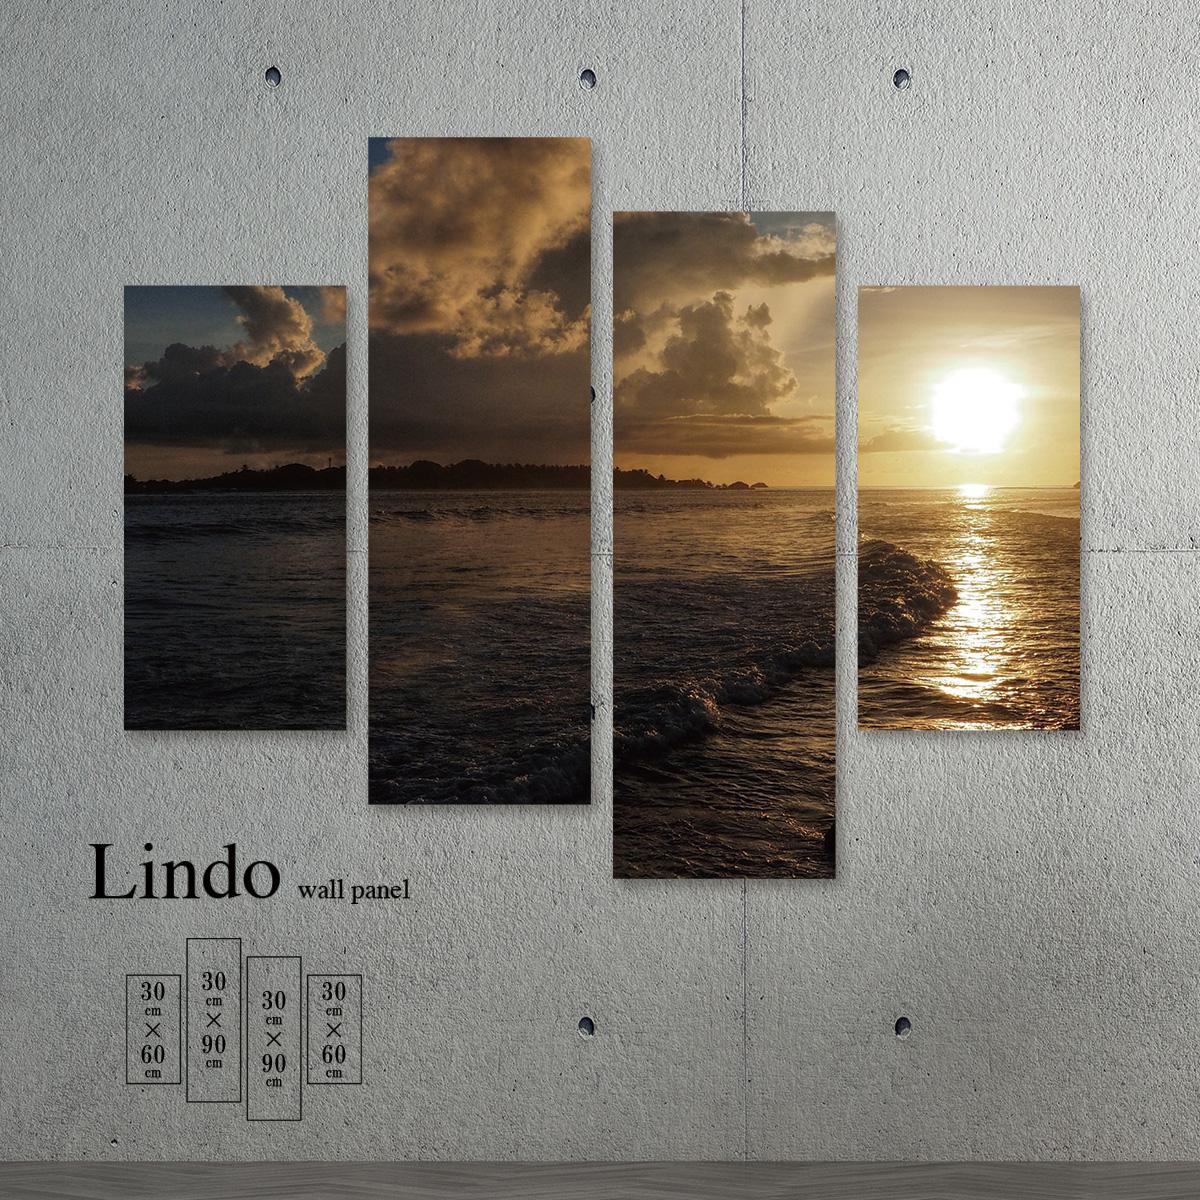 アートパネル 海 海面 海岸 浜辺 ビーチ 風景 景色 夕日 夕焼け 壁掛け 北欧 お洒落 デザイン ファブリック 壁飾り アートボード 4枚パネル